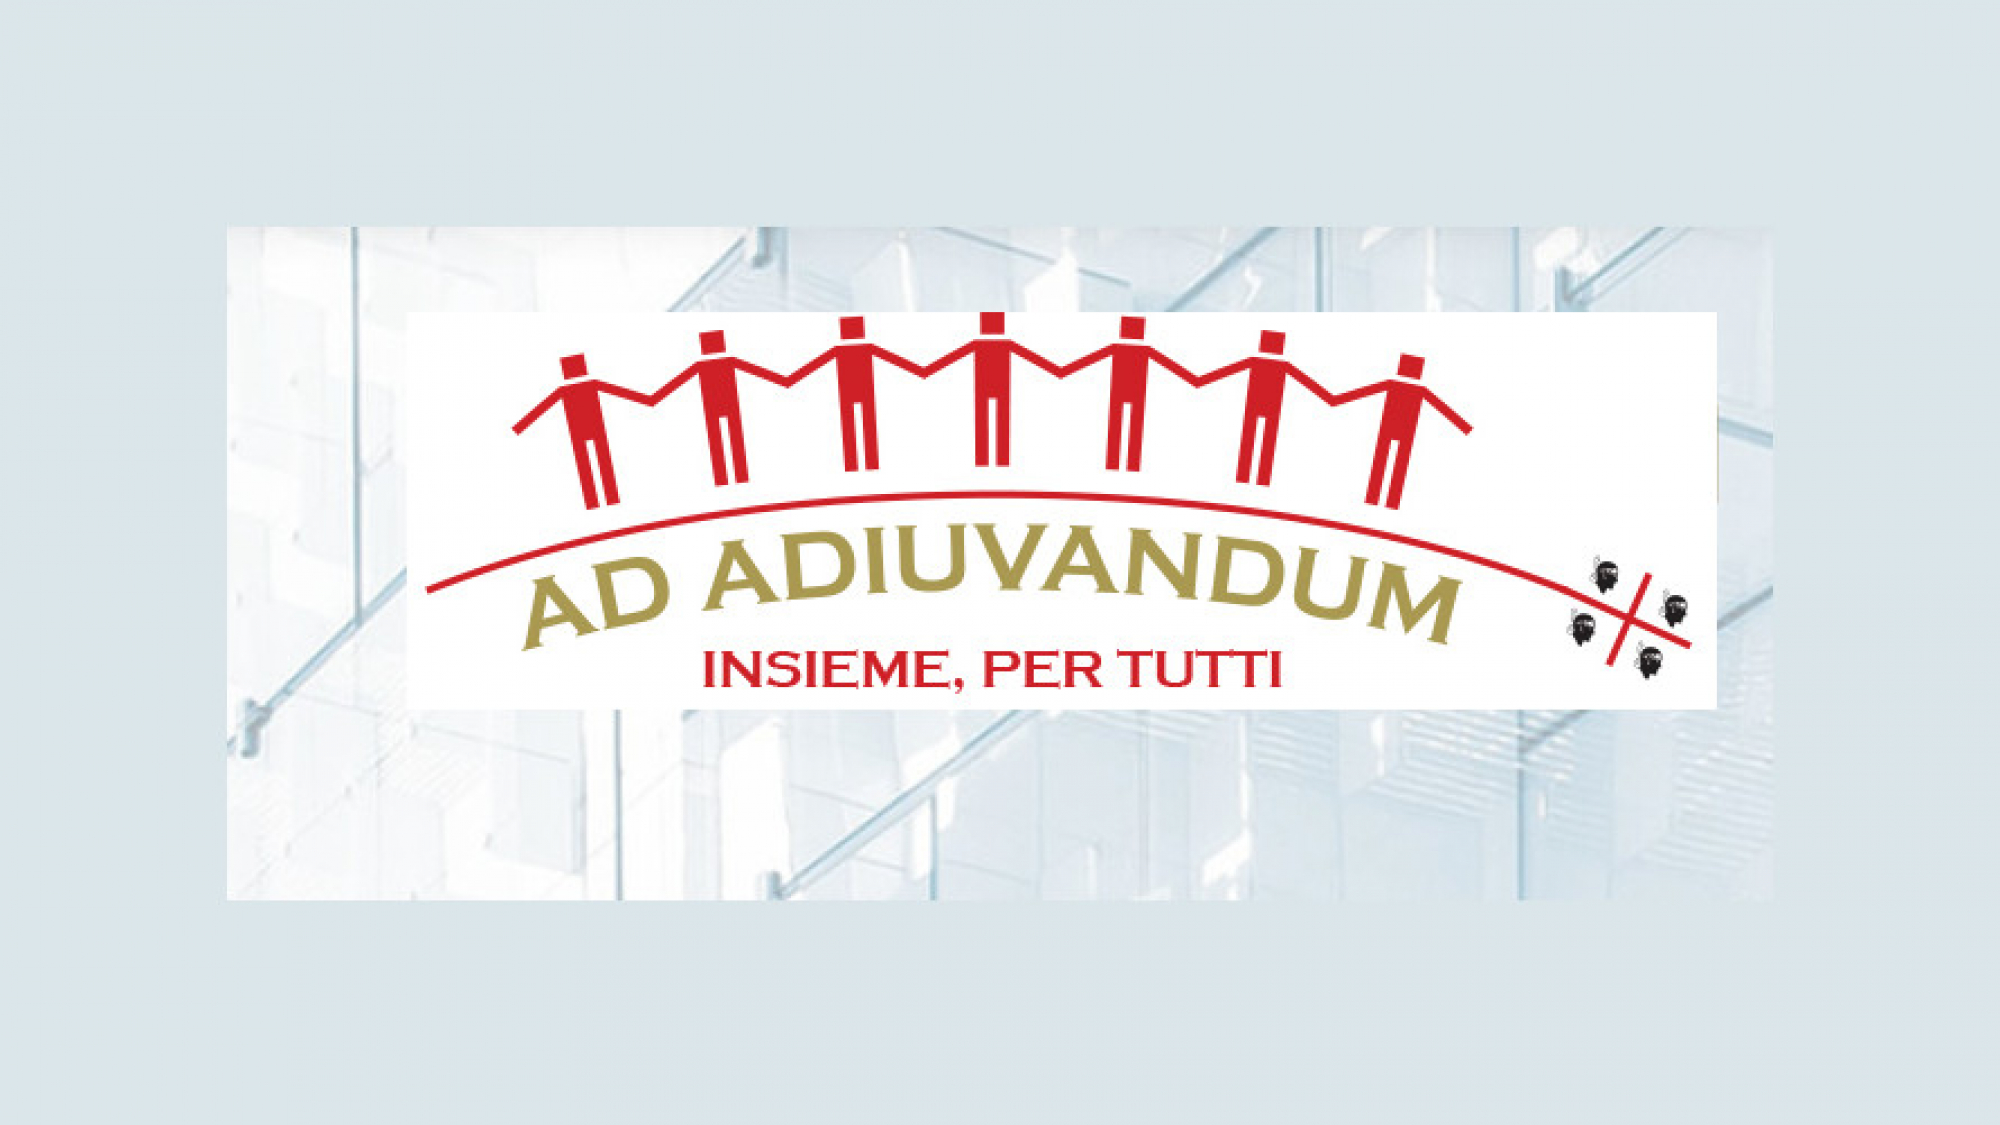 ad_adiuvandum_890x560-1